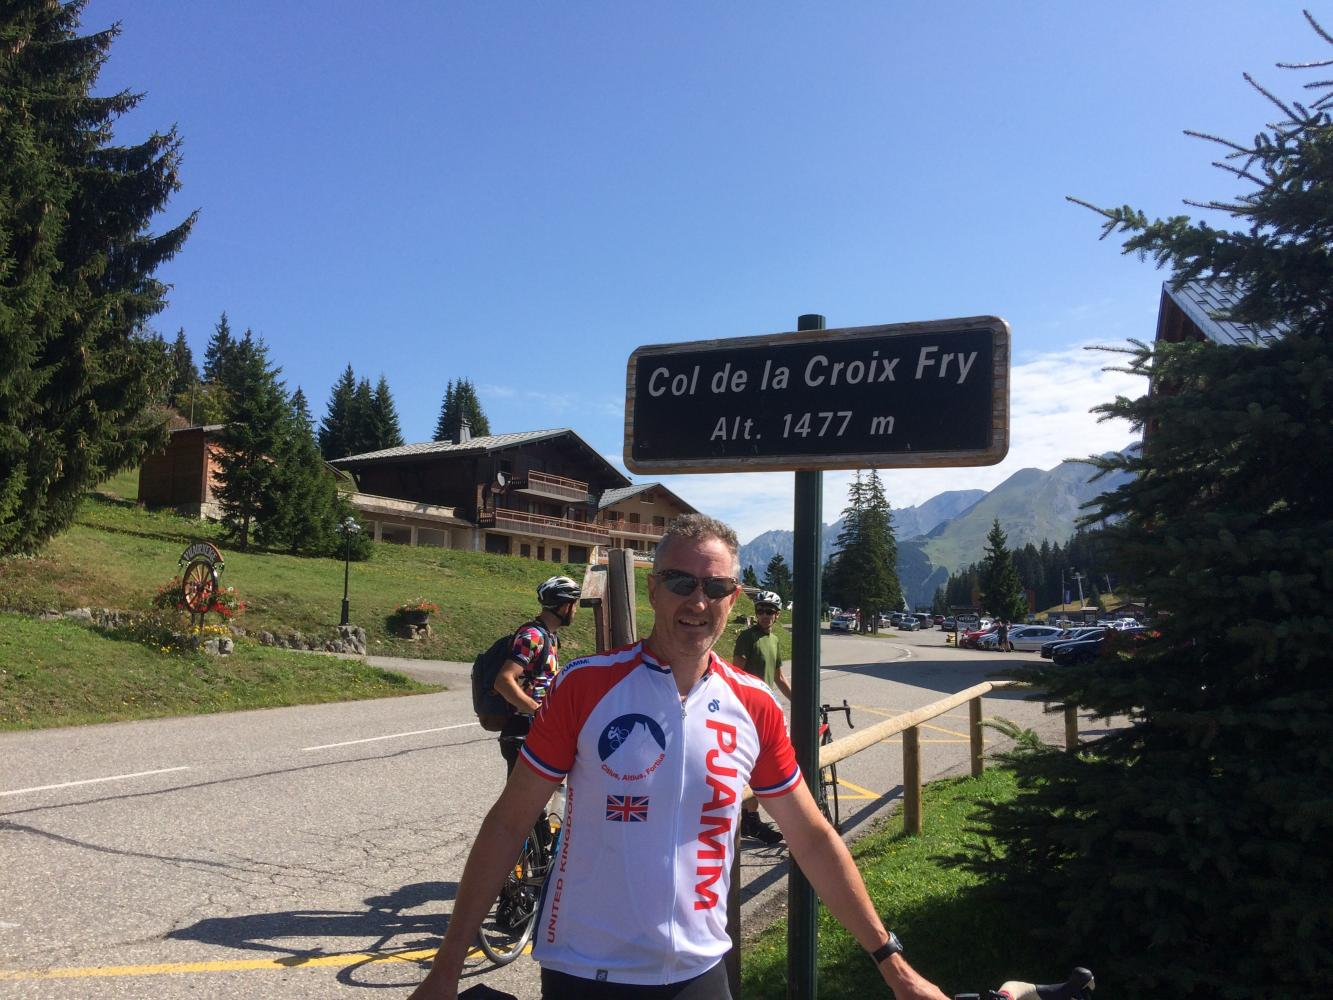 Col de la Croix Fry Bike Climb - PJAMM Cycling